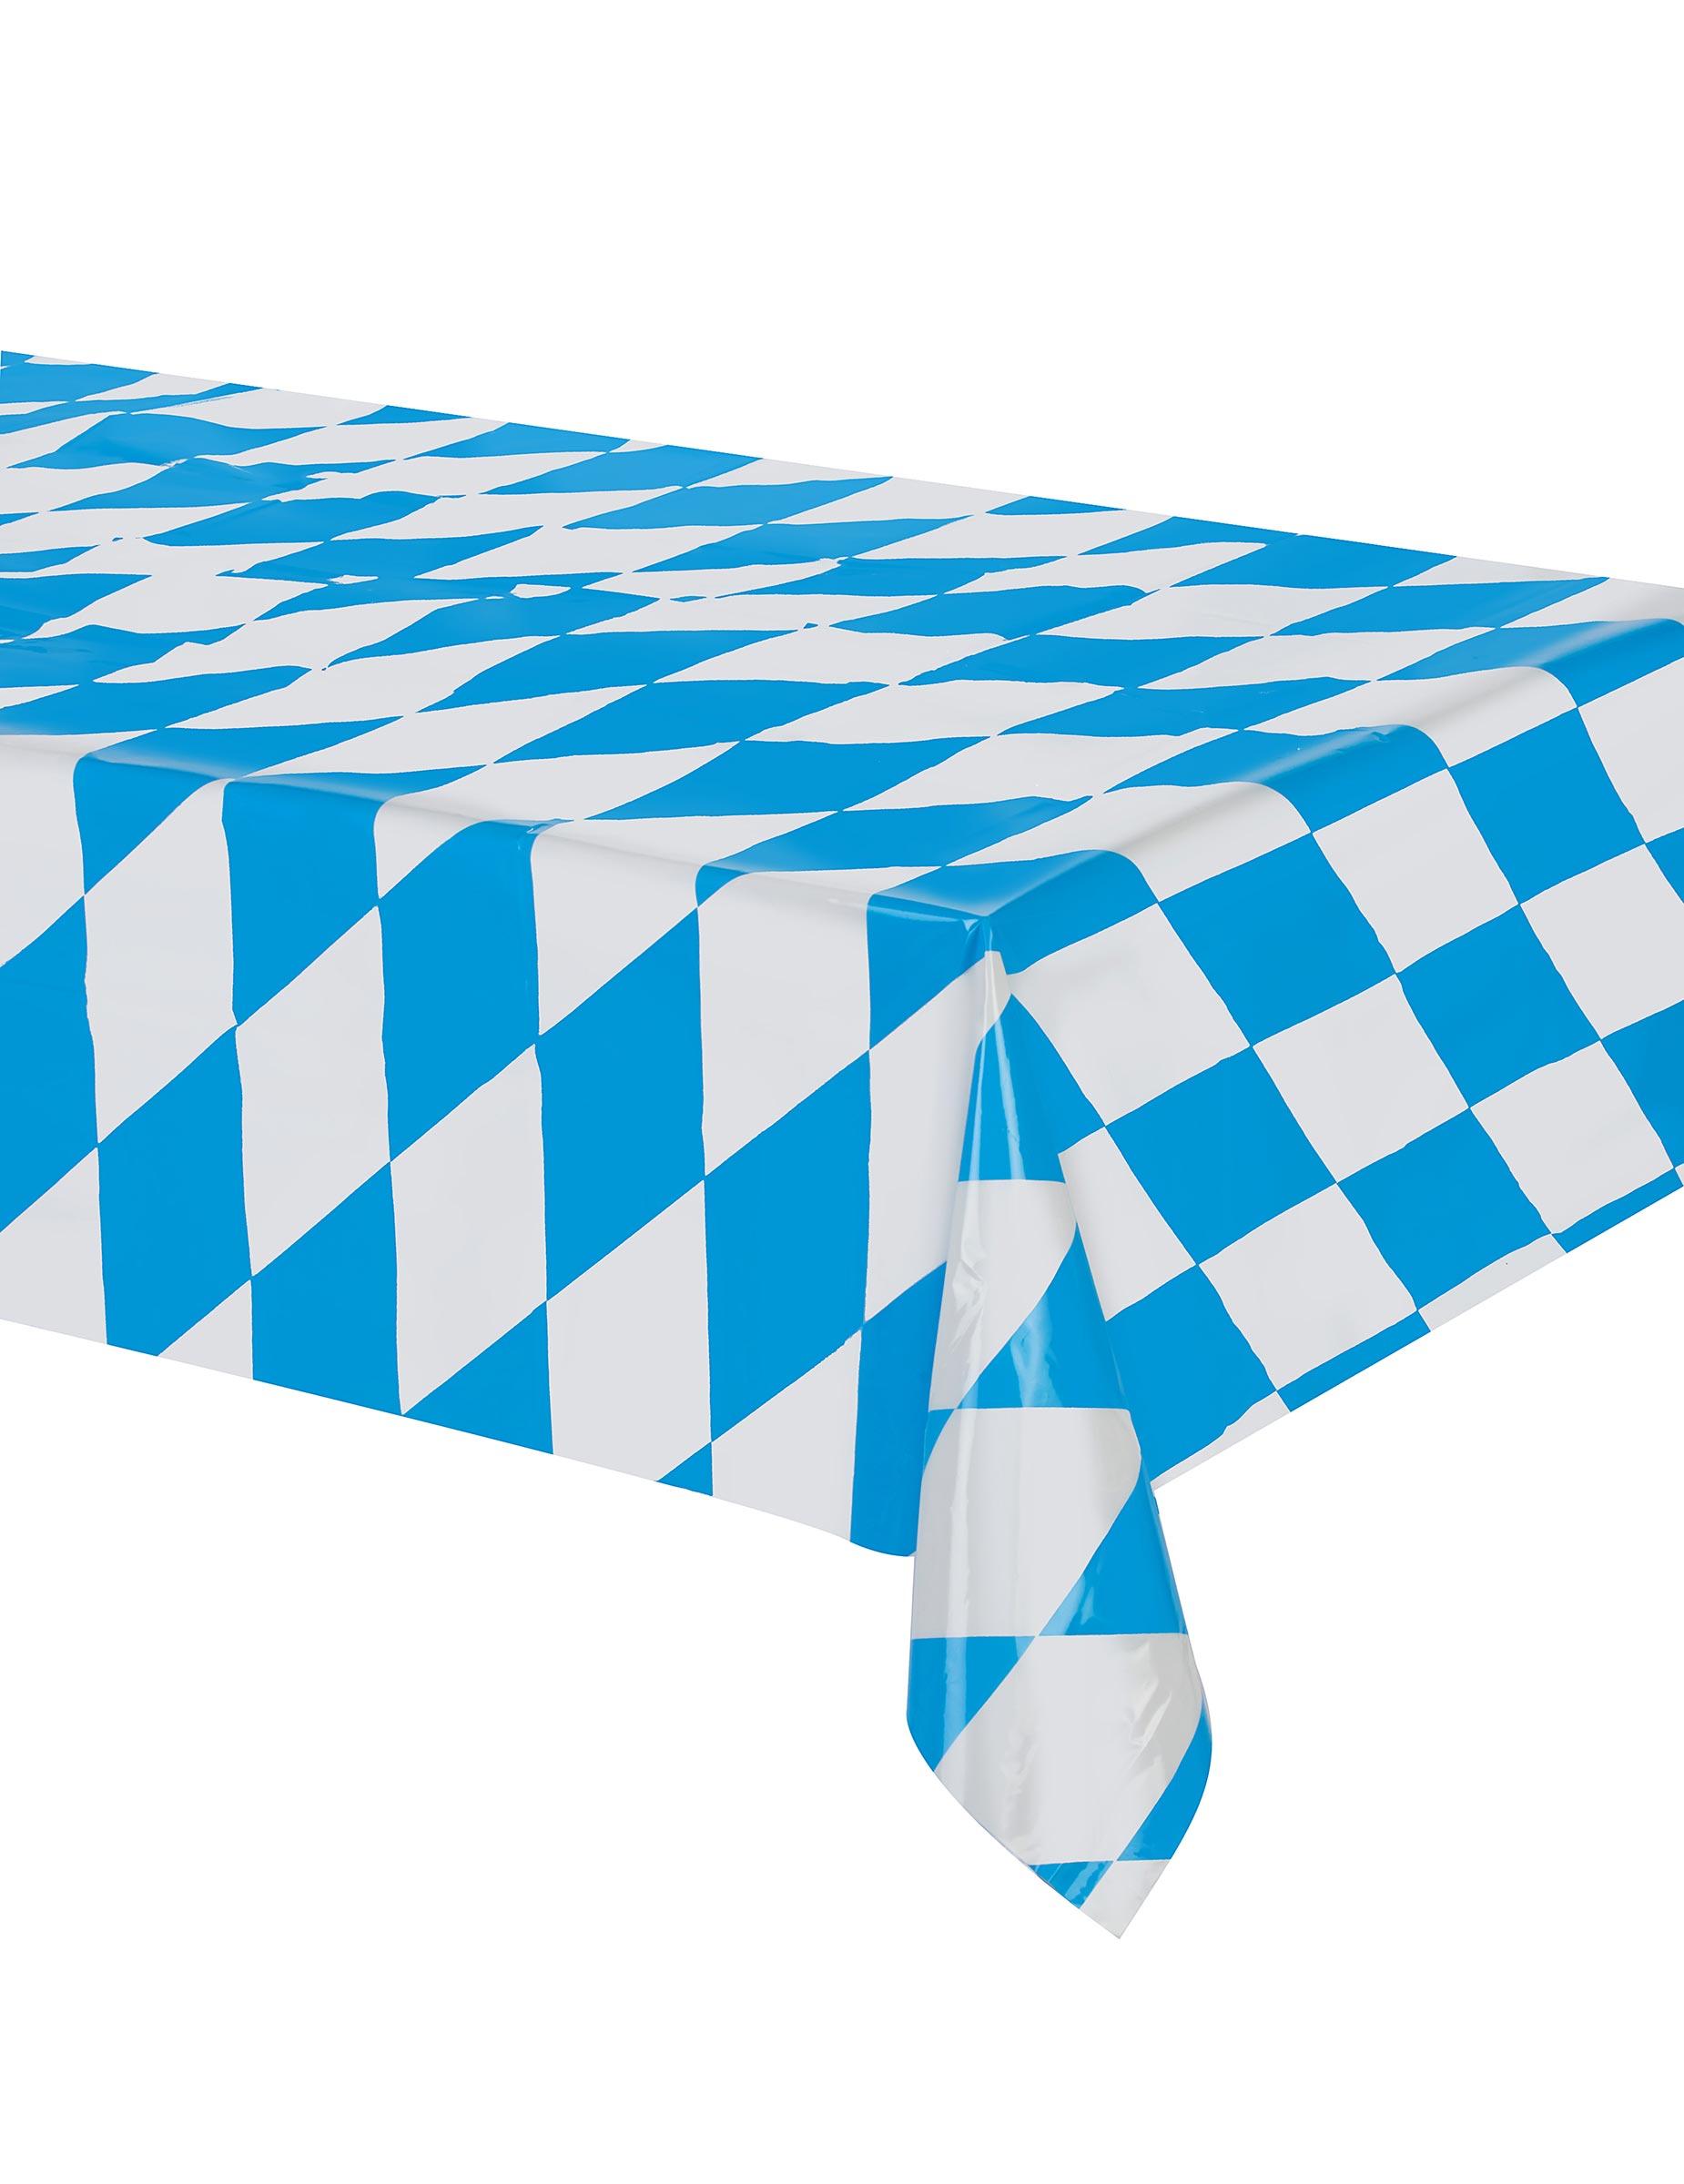 oktoberfest tischdecke aus kunststoff blau weiss g nstige faschings partydeko zubeh r bei. Black Bedroom Furniture Sets. Home Design Ideas